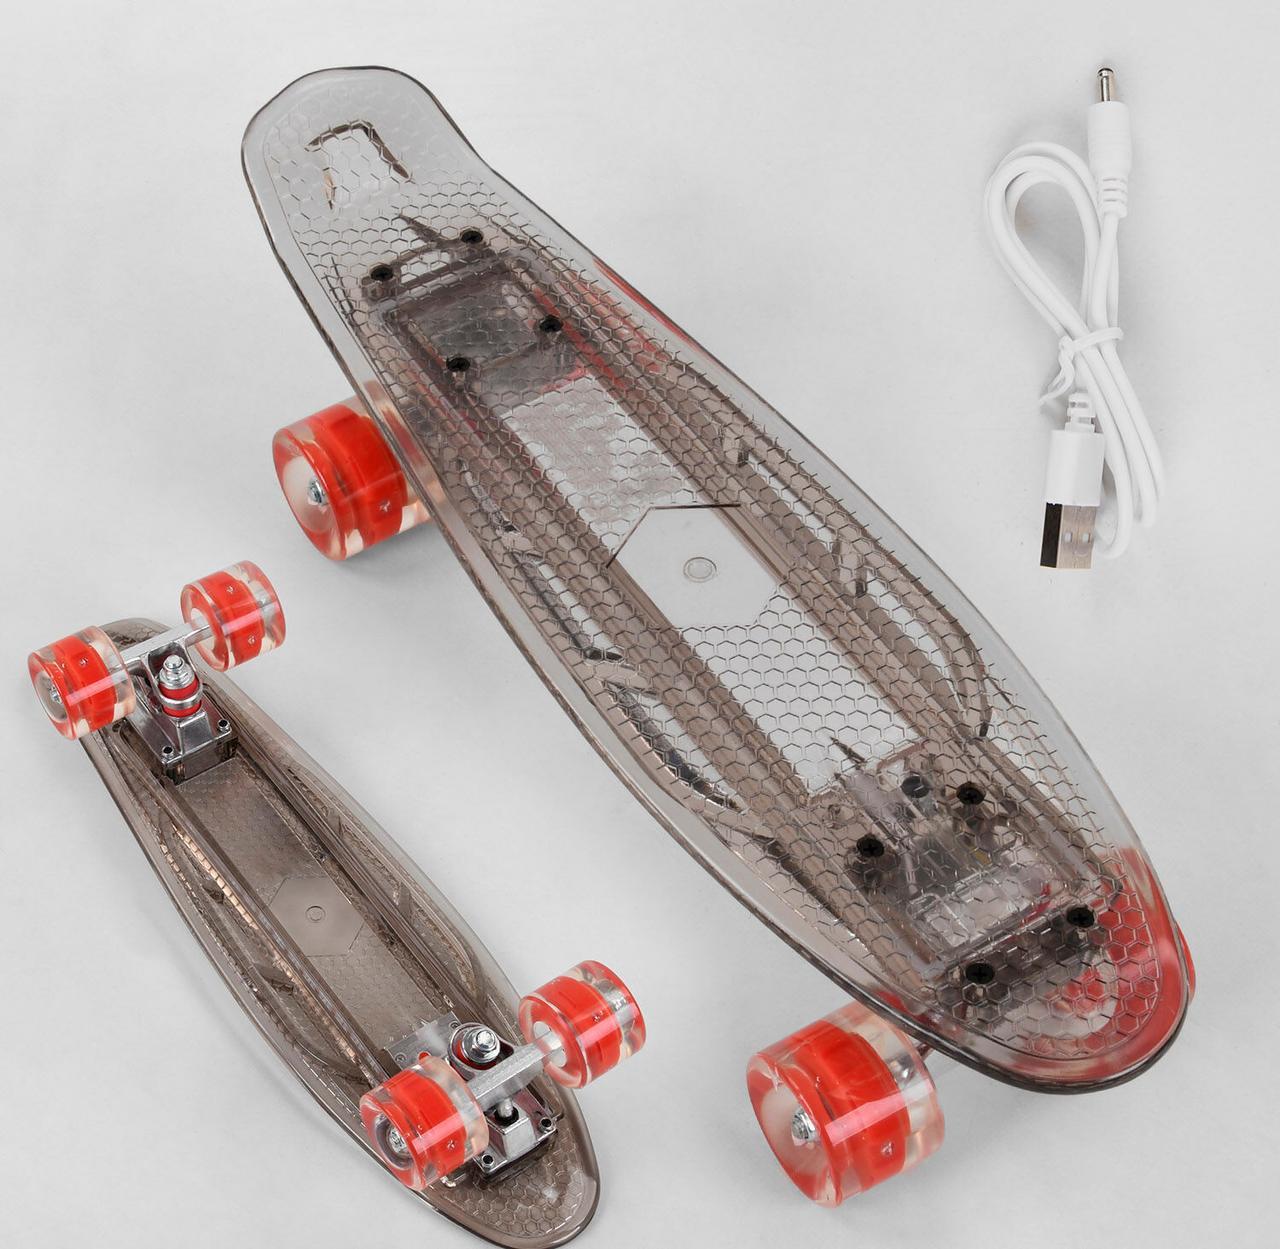 Пластиковий скейт пенні з різнокольоровою підсвіткою і вбудованою батареєю, заряджається від мережі S-40133 Best Board